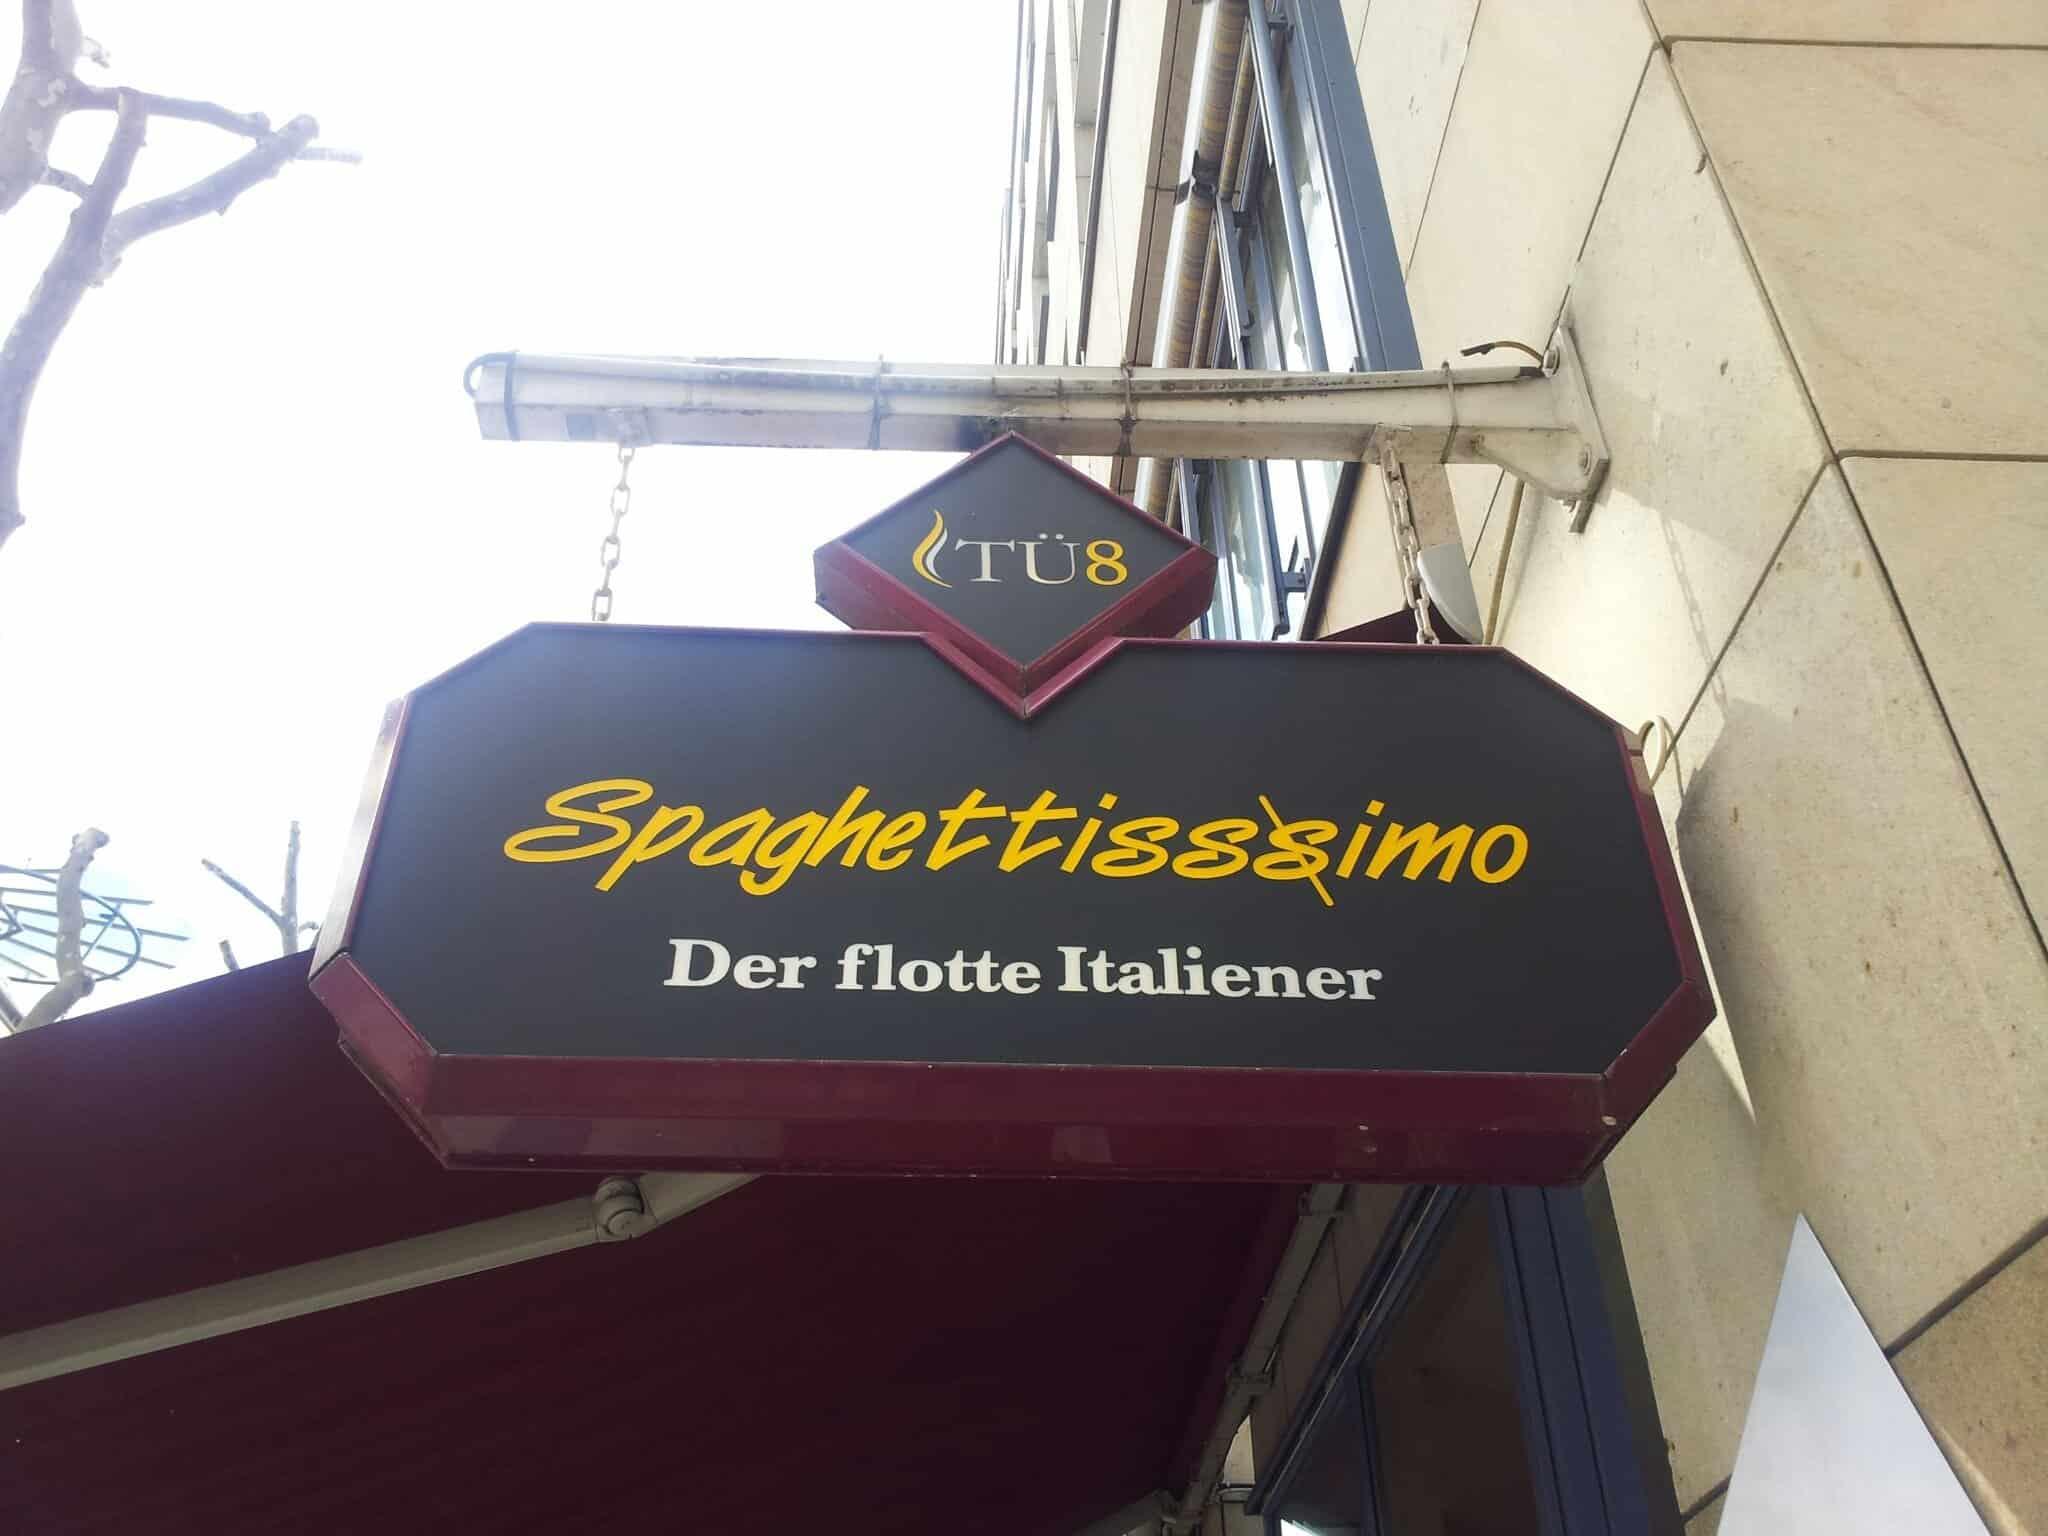 Spaghettisssimo_Schild.jpg